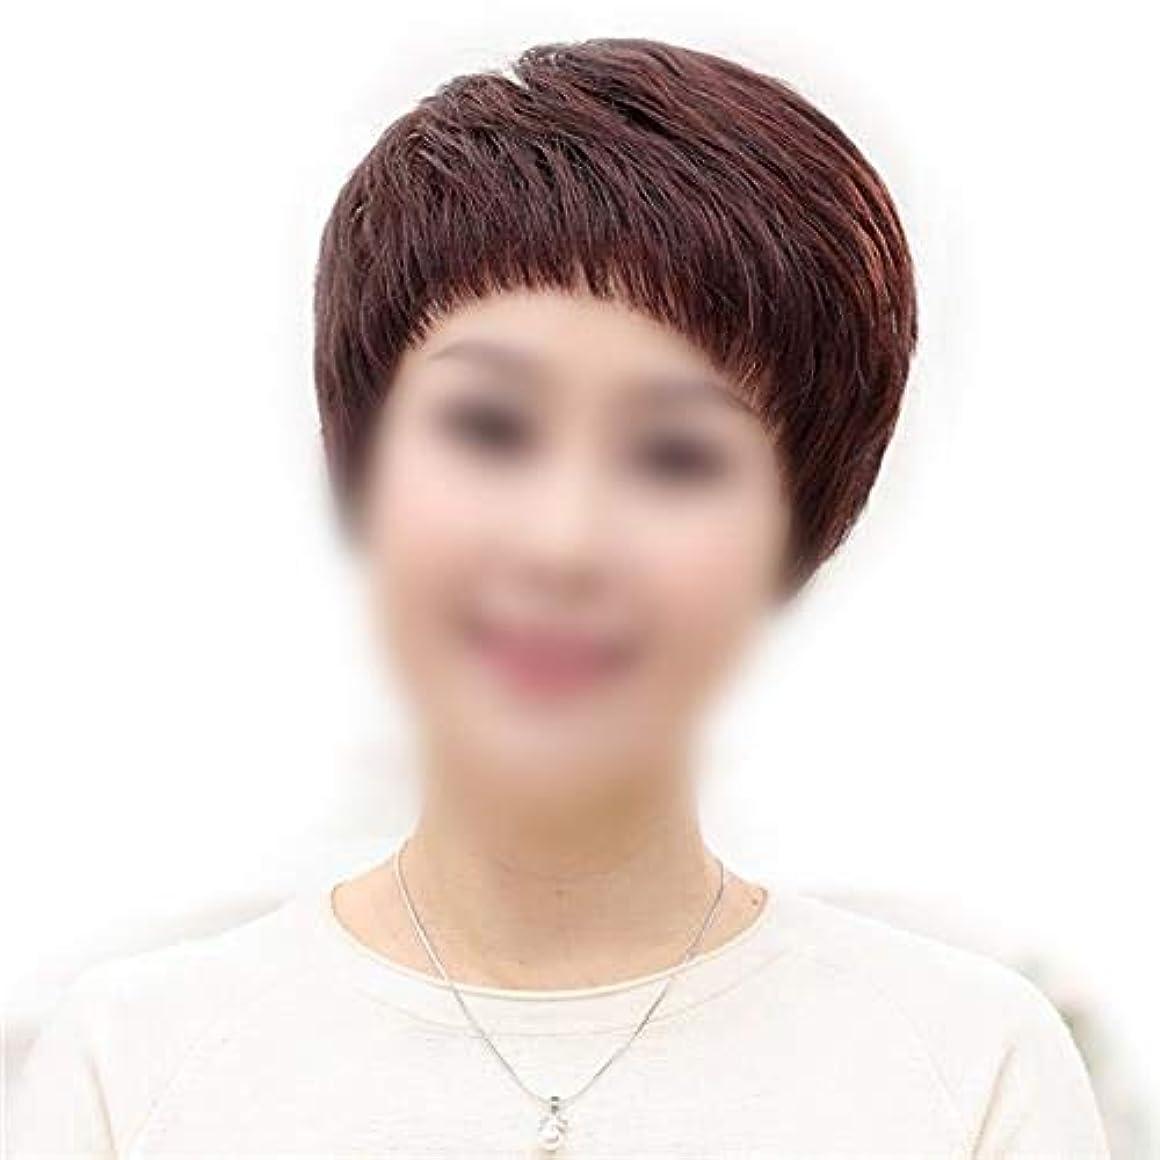 好奇心ダイアクリティカル失業者YOUQIU 女子ショートストレート髪のフルハンド織実ヘアウィッグデイリードレスウィッグ (色 : Natural black)